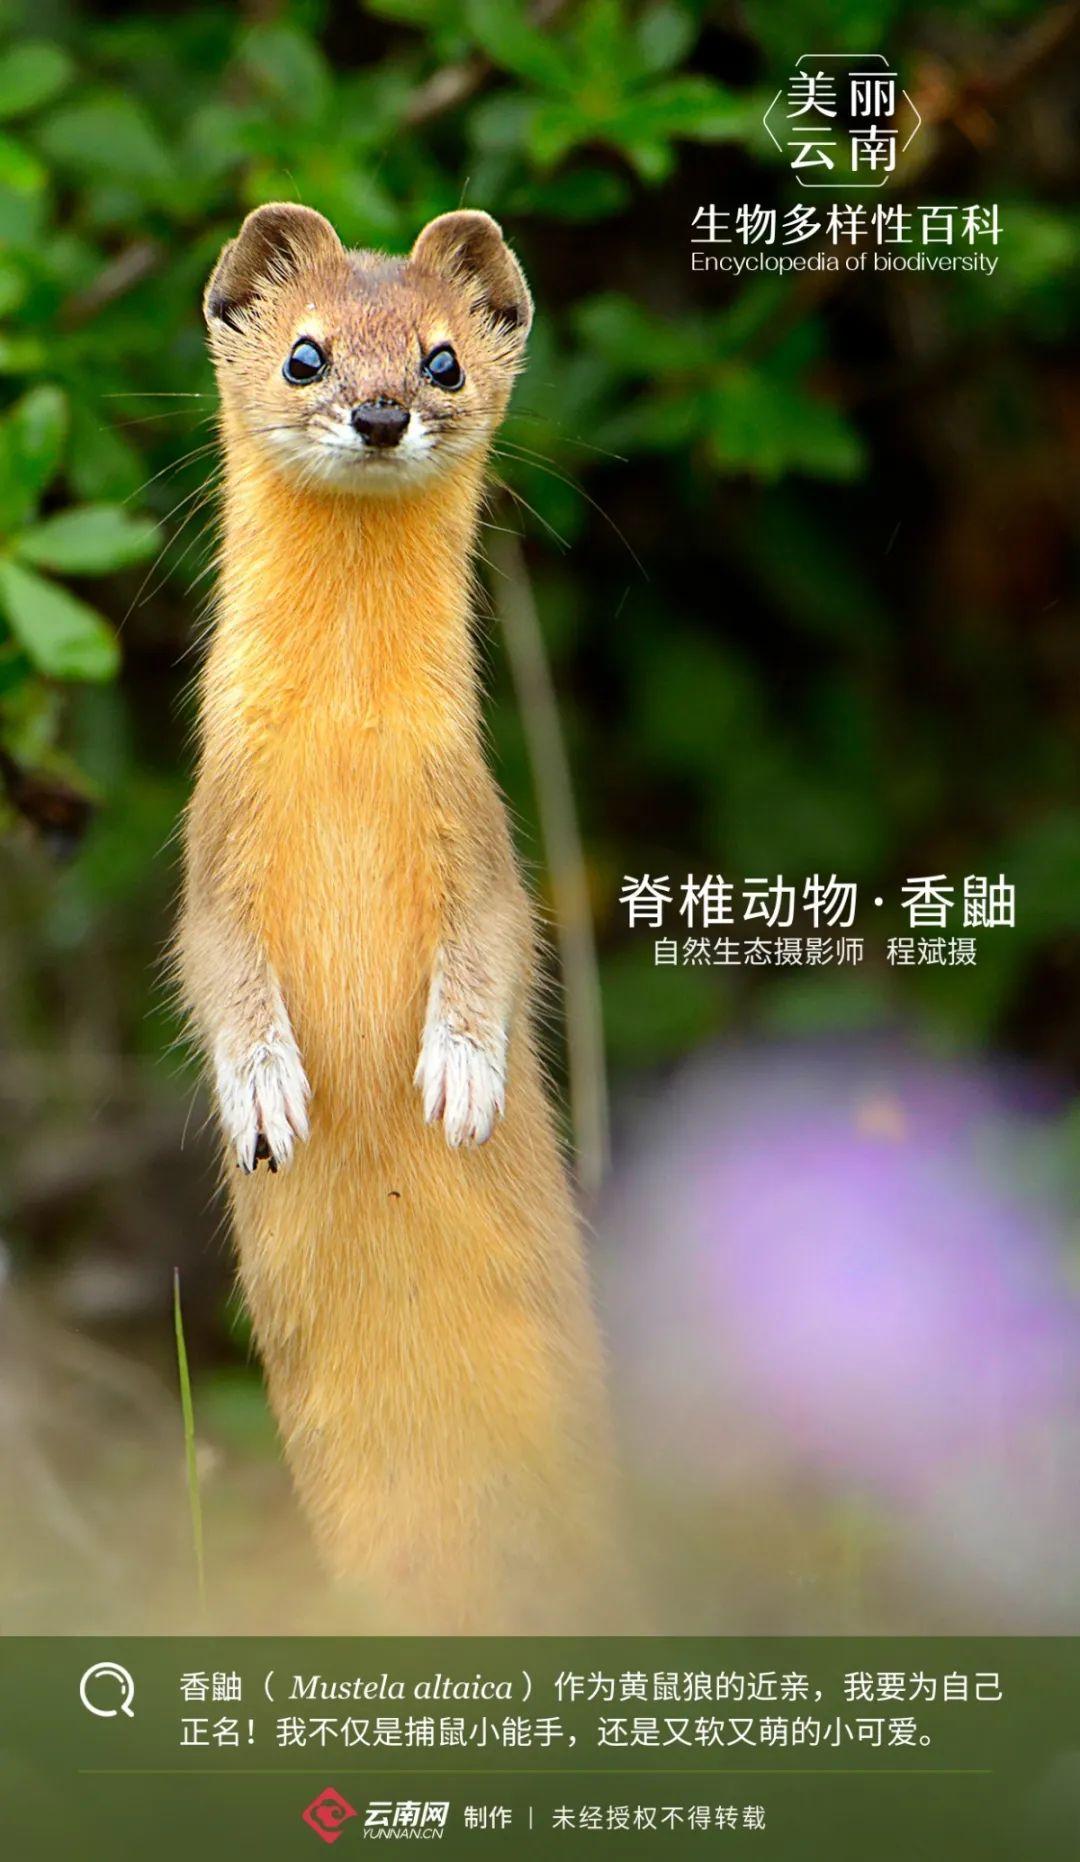 【生物多样性百科】脊椎动物·香鼬:虽然是黄鼠狼亲戚,但我们真不偷鸡